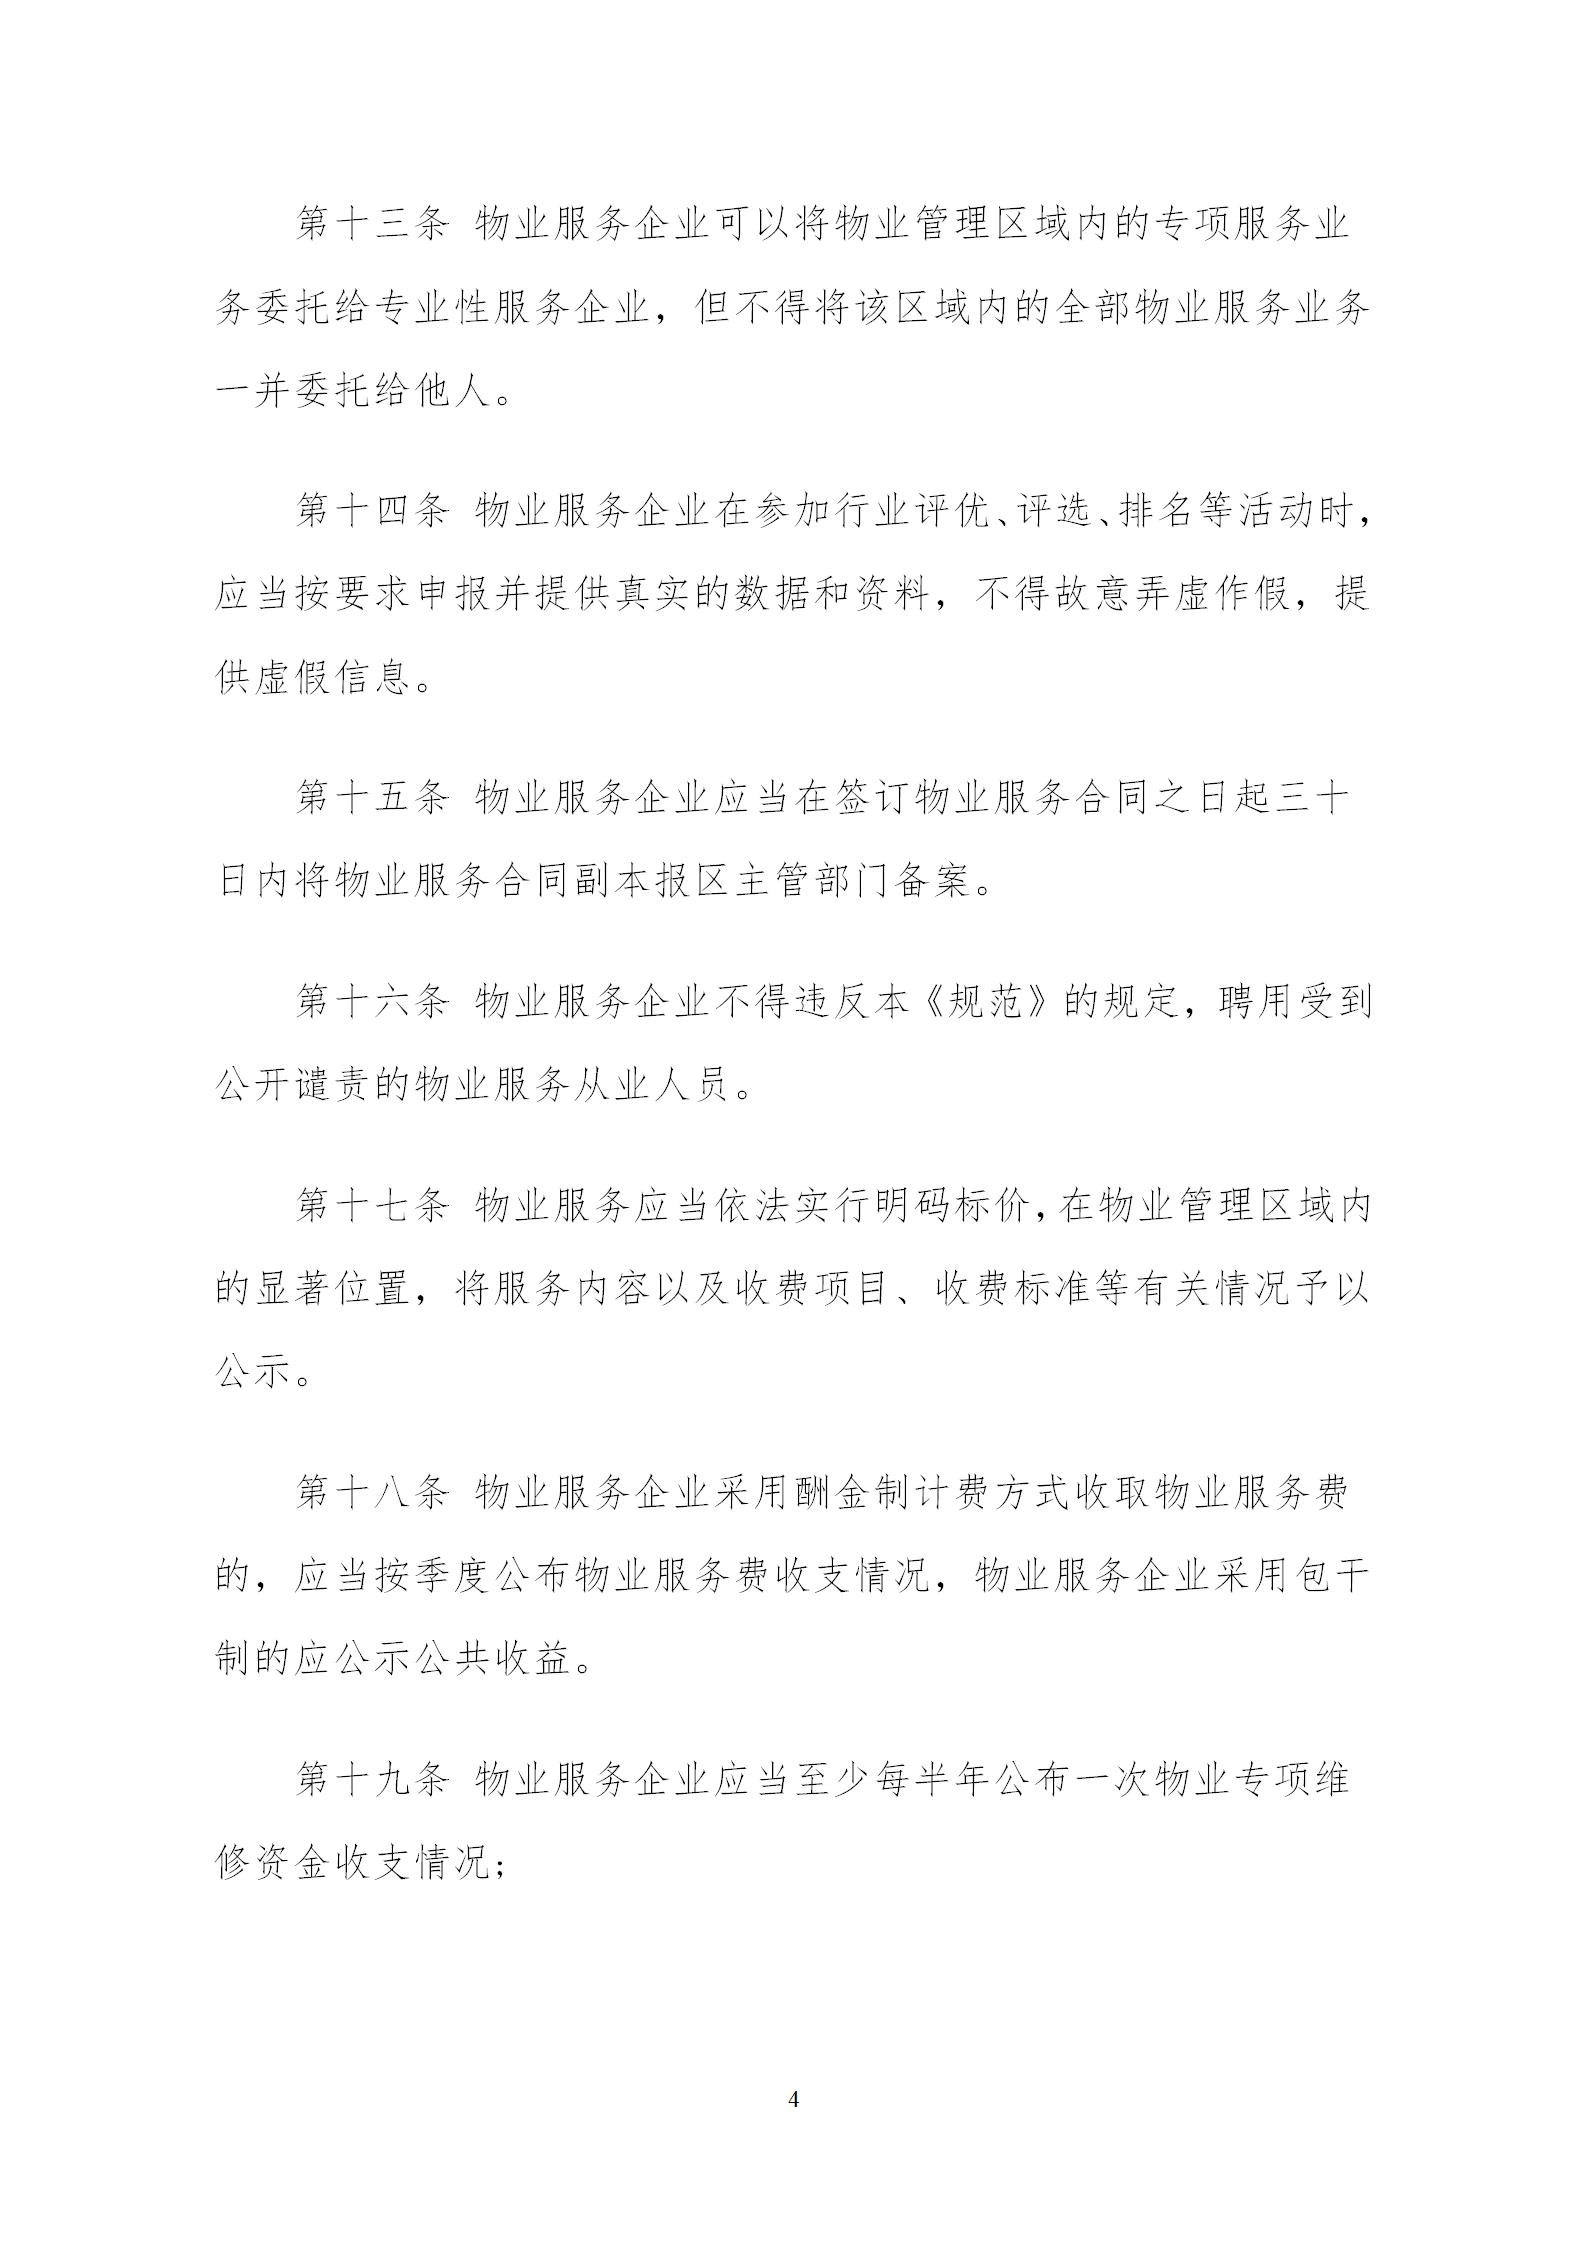 洪物协字[2020]20号关于贯彻落实《南昌市物业管理行业规范》的通知_04.png